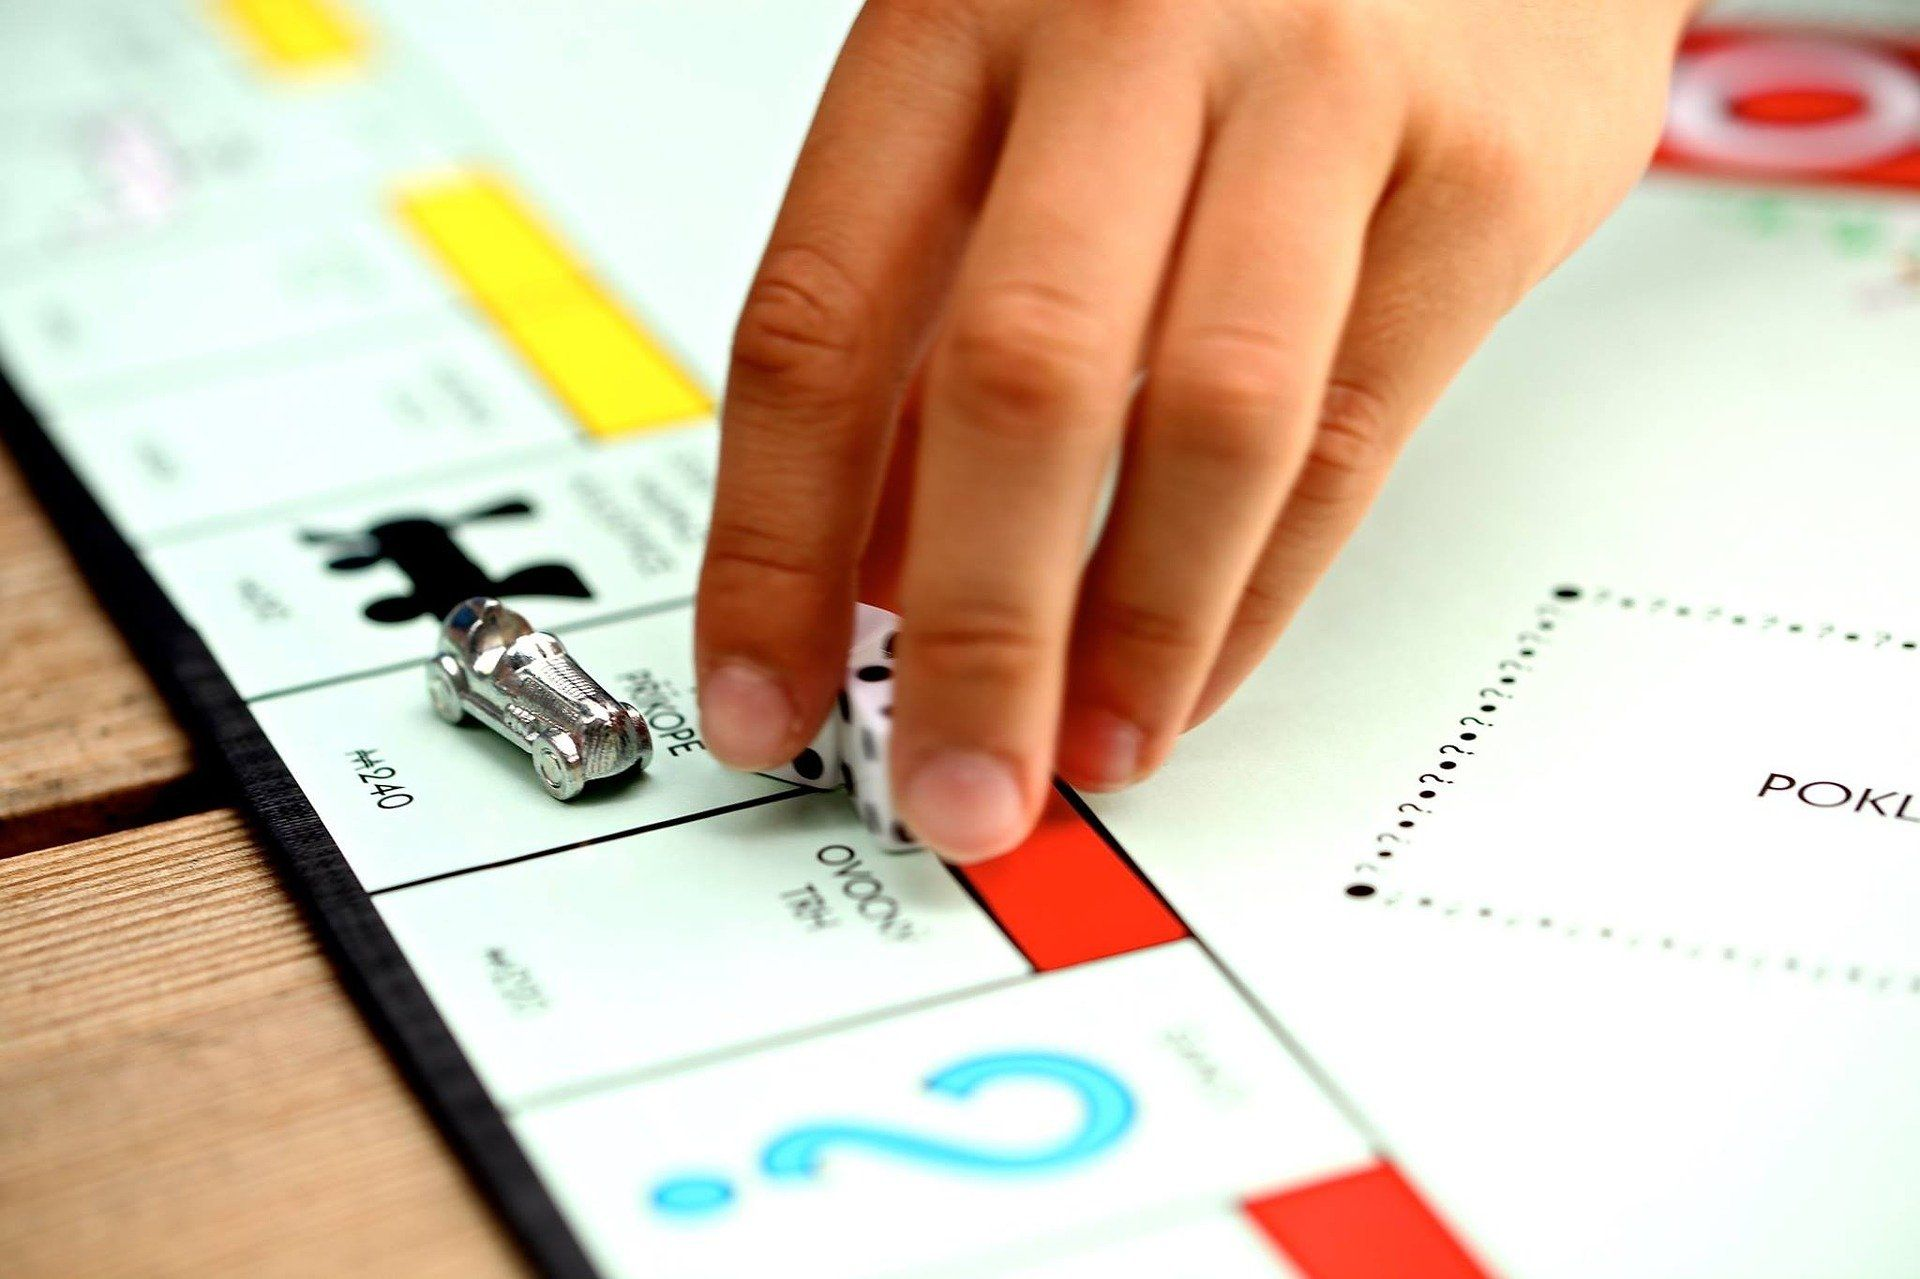 Monopoly, juegos de mesa anunciados en TV